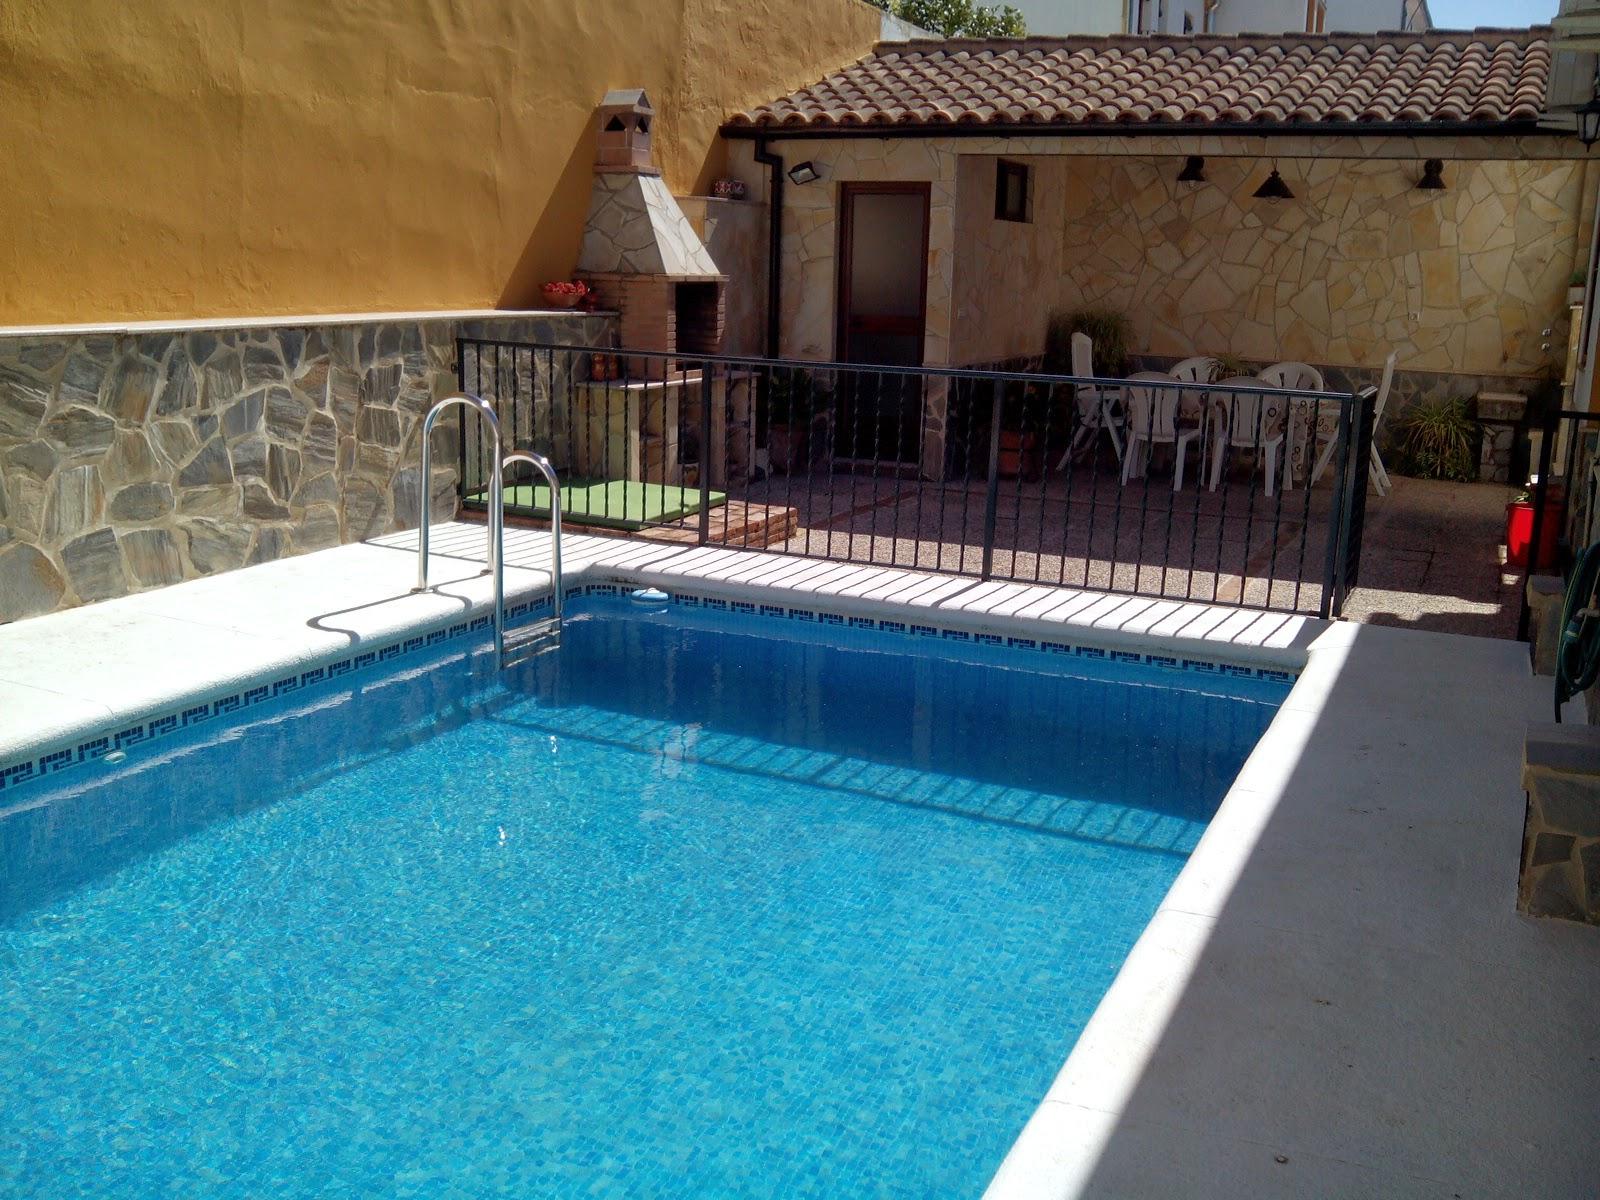 Casas con porche y piscina ucel juego de desniveles las for Piscina delfin madrid